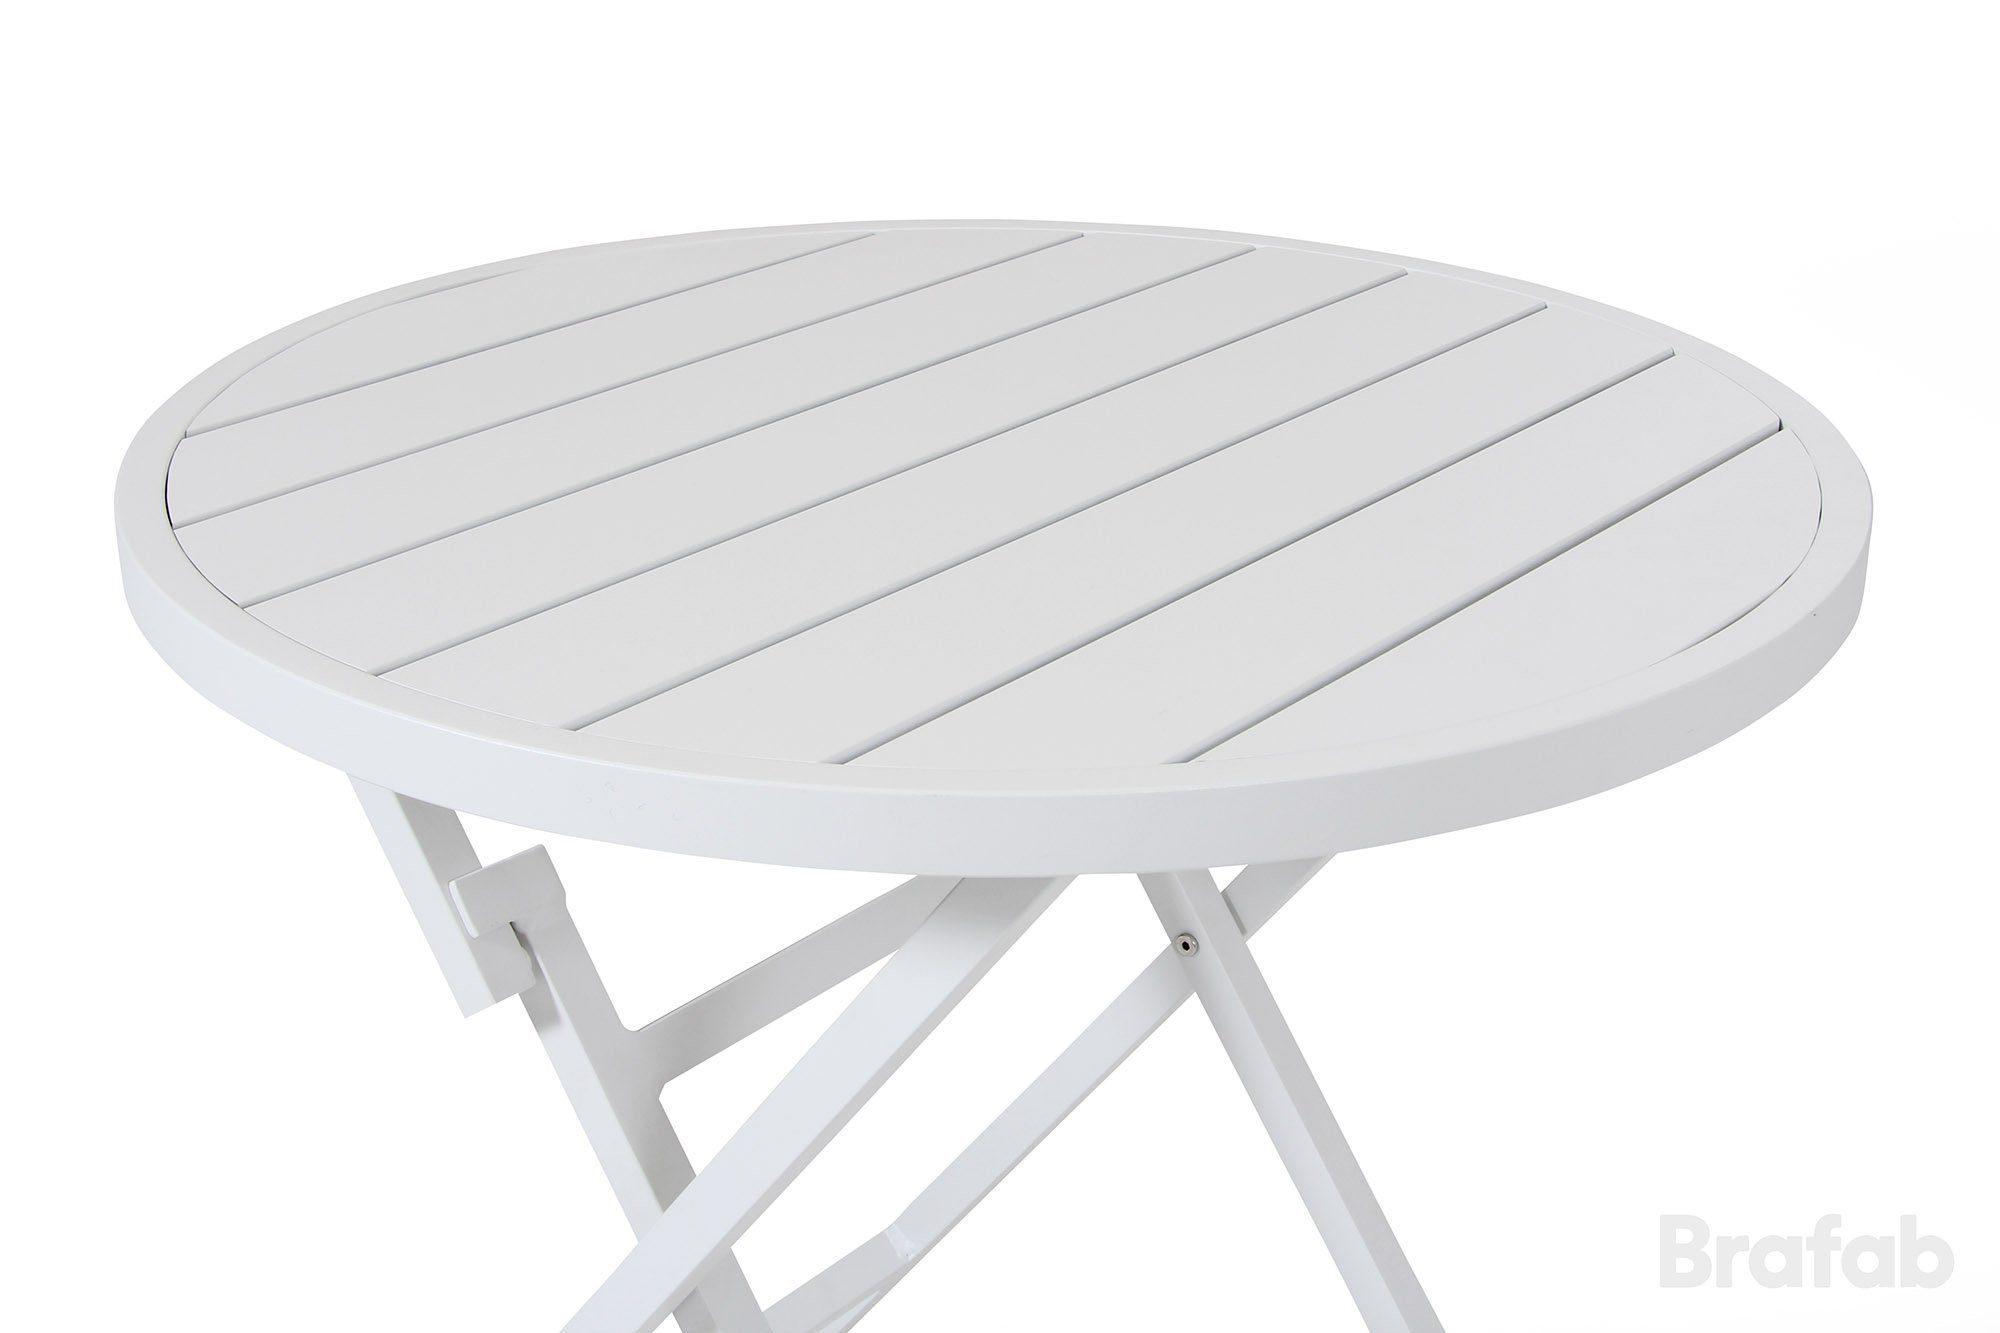 Cafébord i vit aluminium från Brafab.